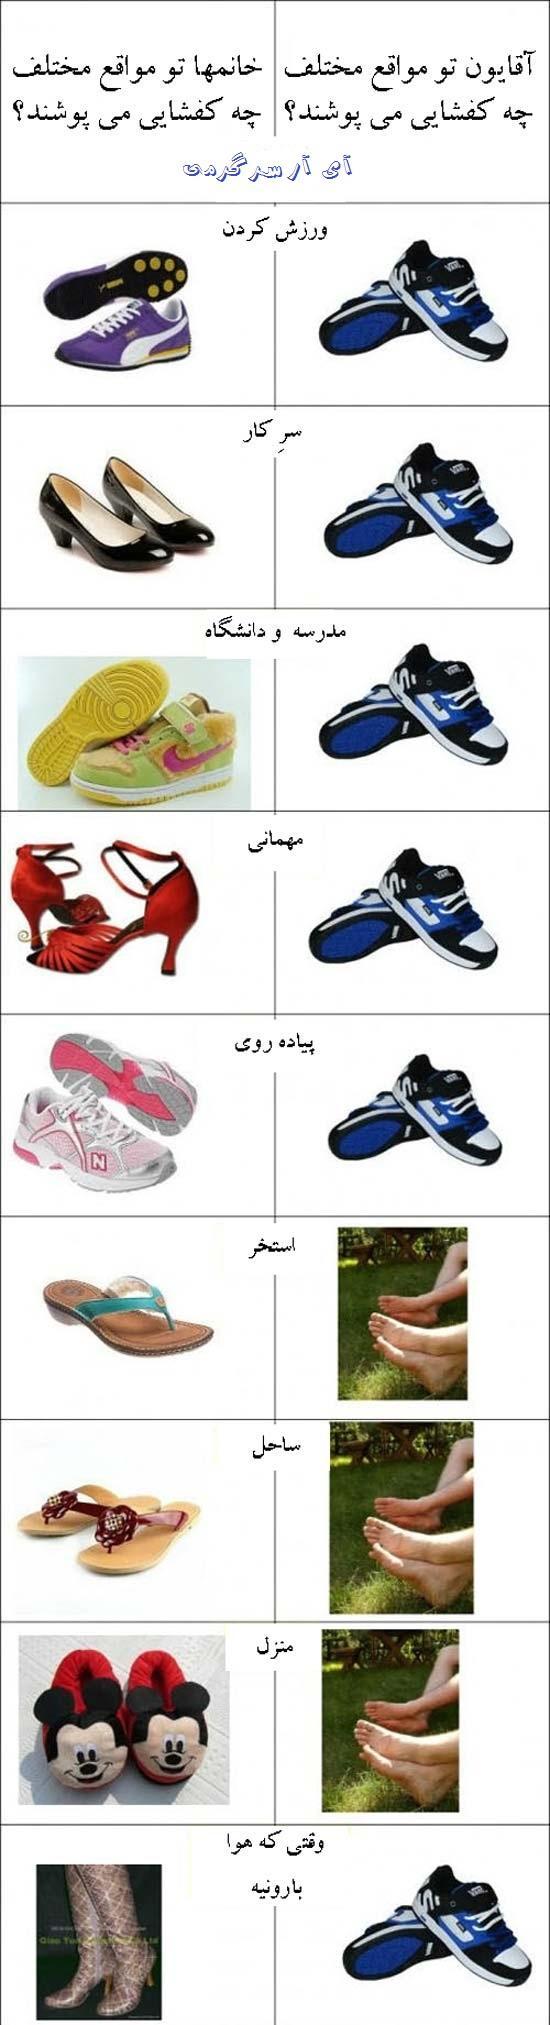 آقایون و خانمها در مواقع مختلف چه کفشایی می پوشند؟